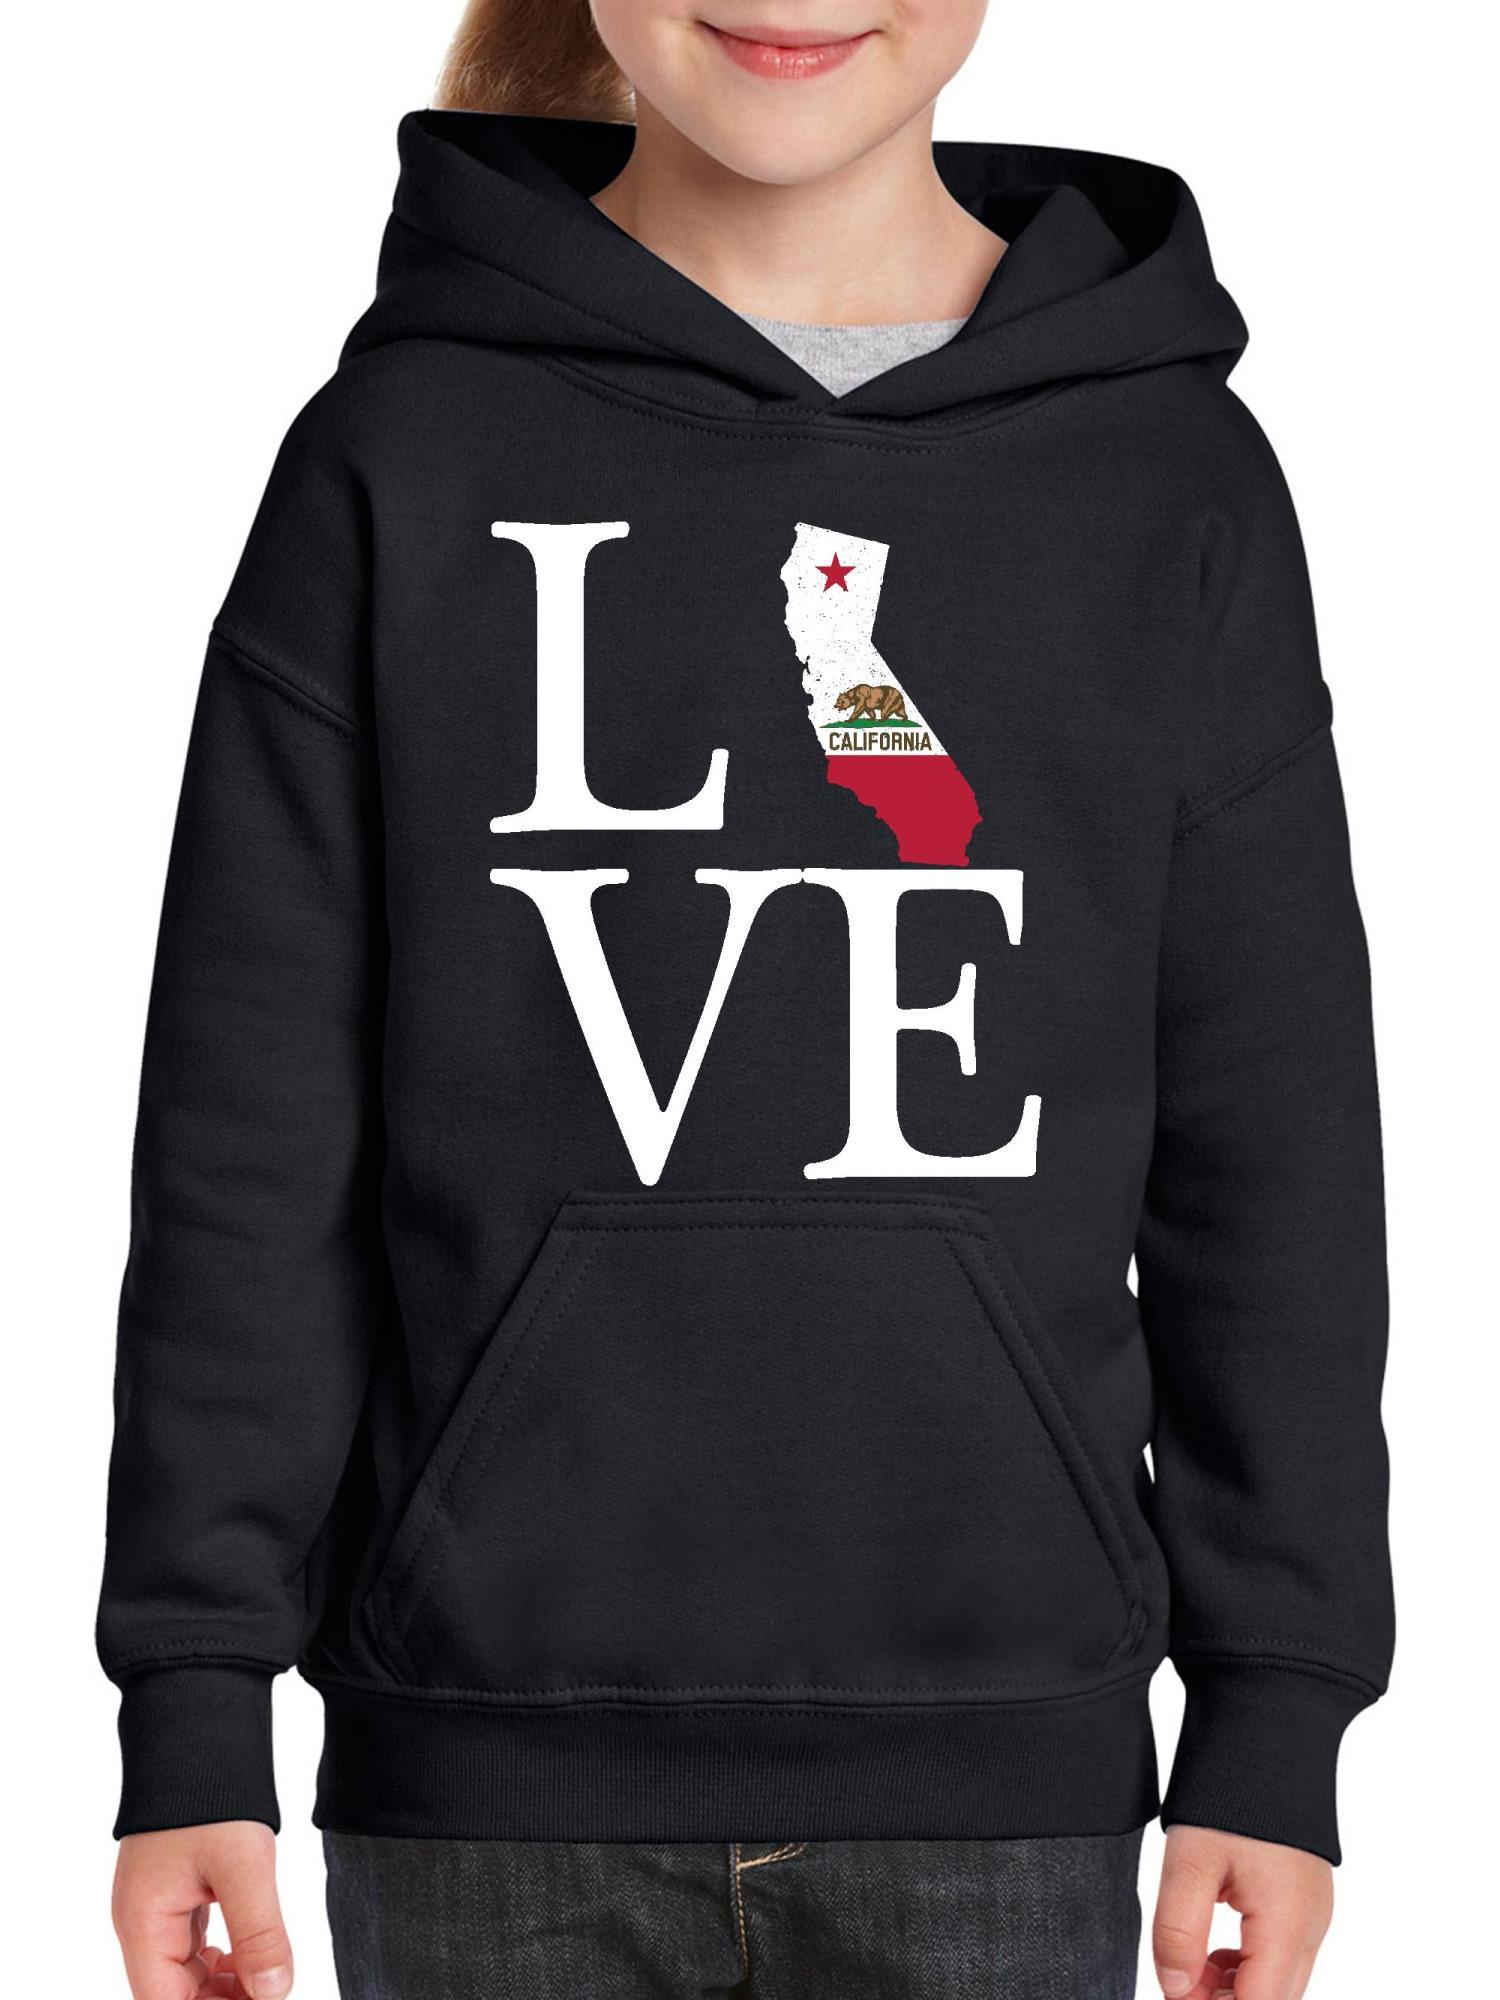 Love California Youth Hoodie Hooded Sweatshirt